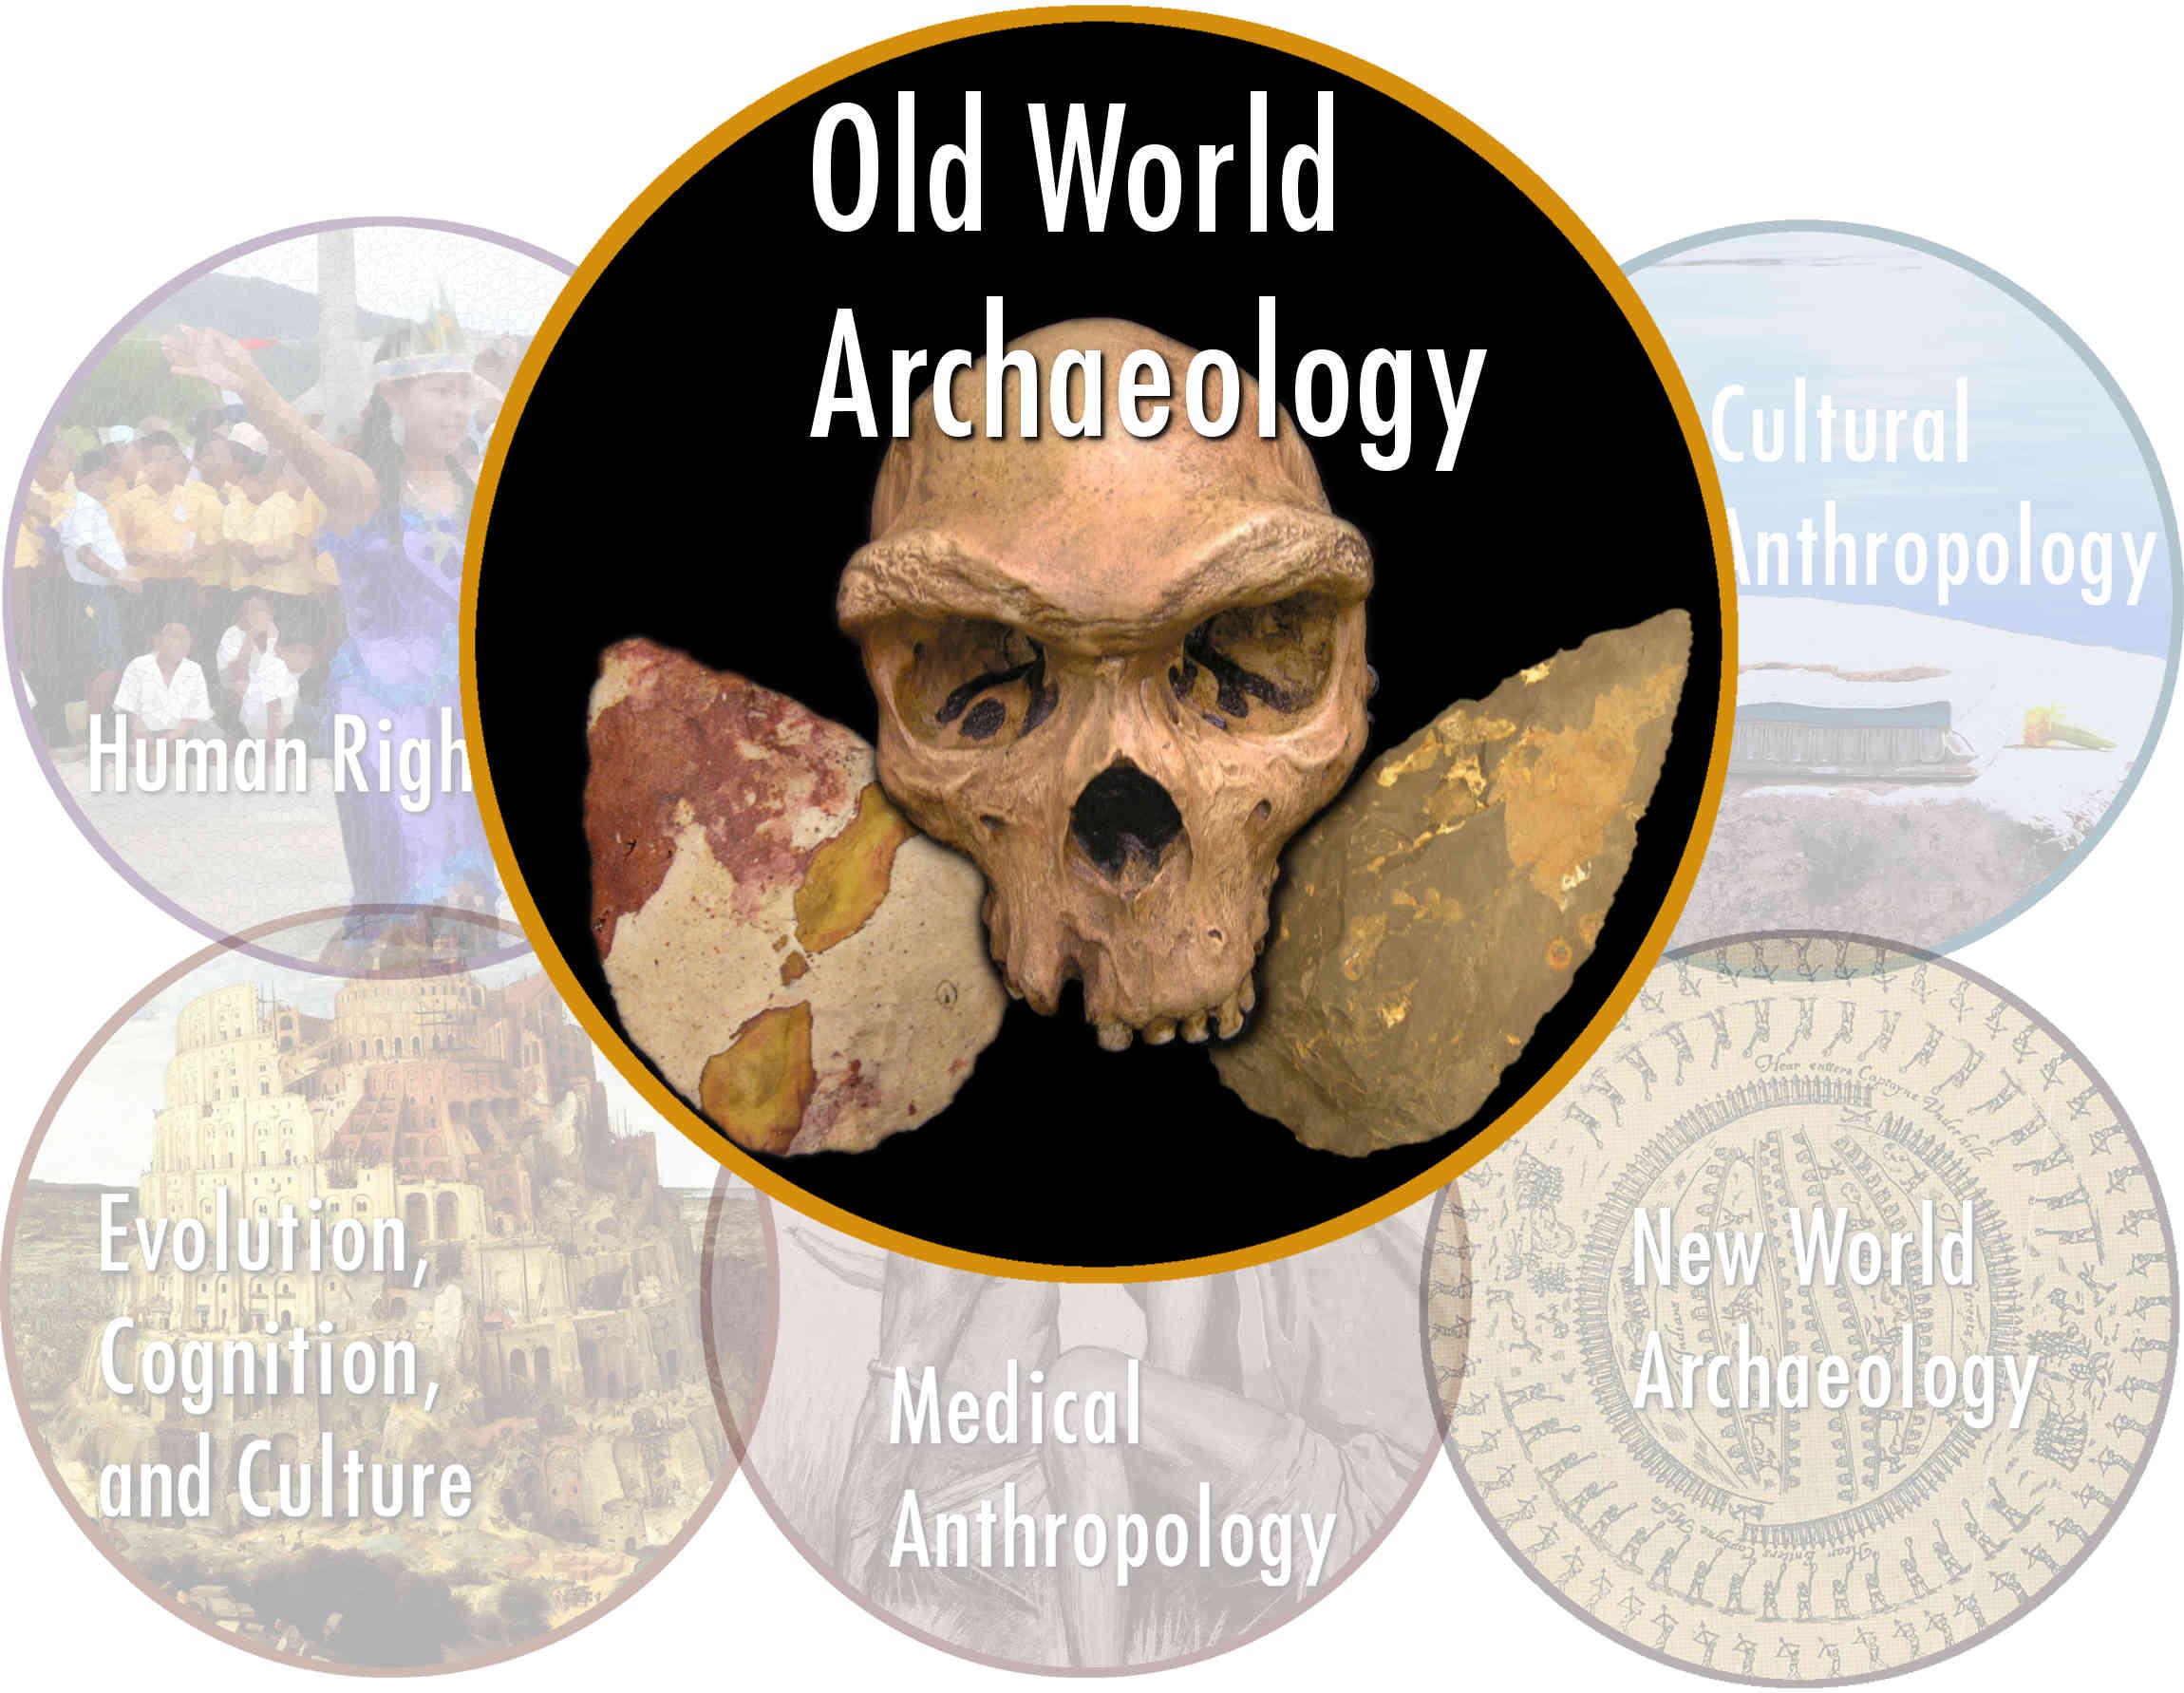 Old world archaeology logo